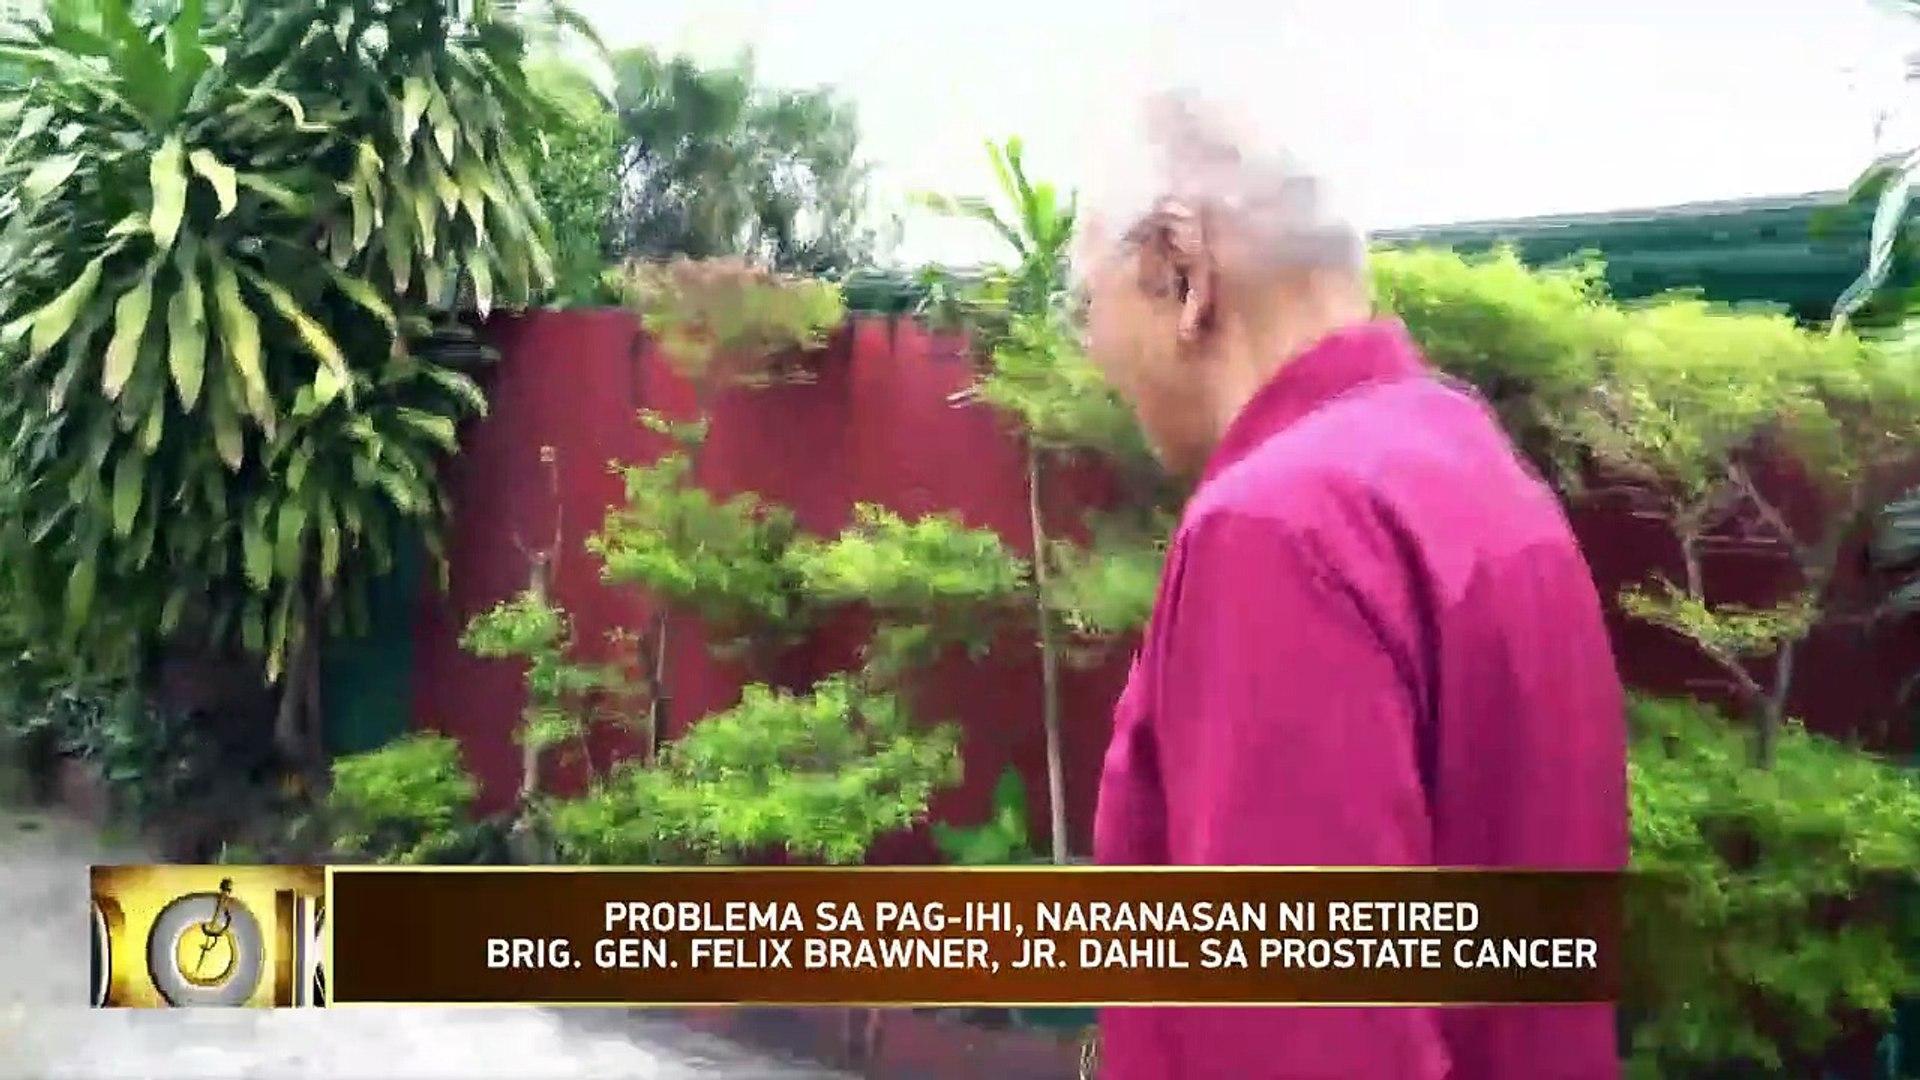 Salamat Dok: Story of Ret  BGen  Felix Brawner Jr  and his prostate cancer